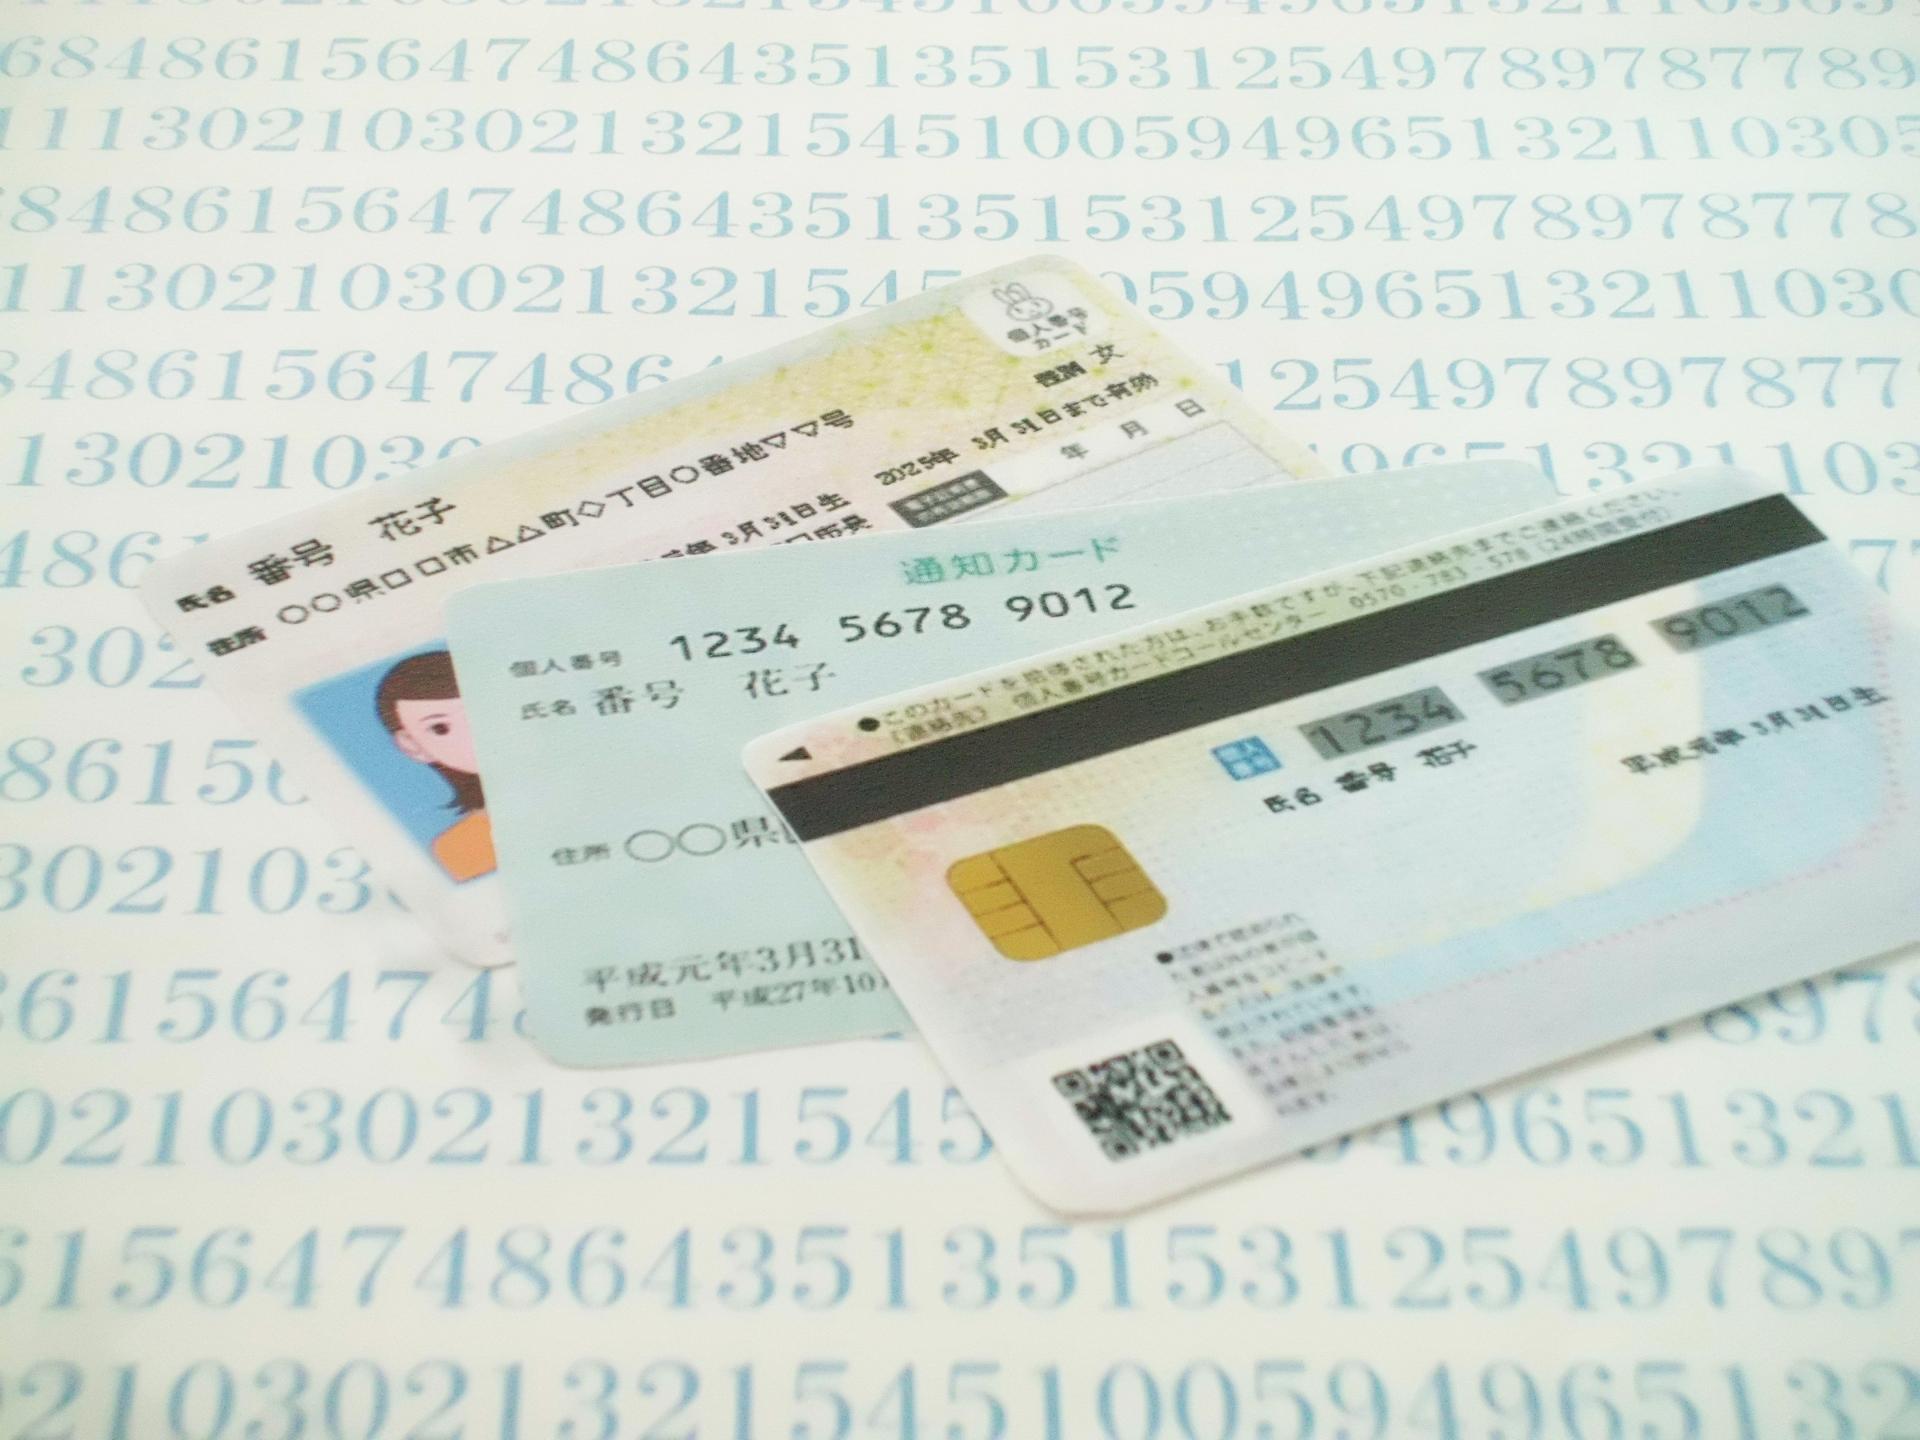 マイナンバーカードで行政手続を簡素化